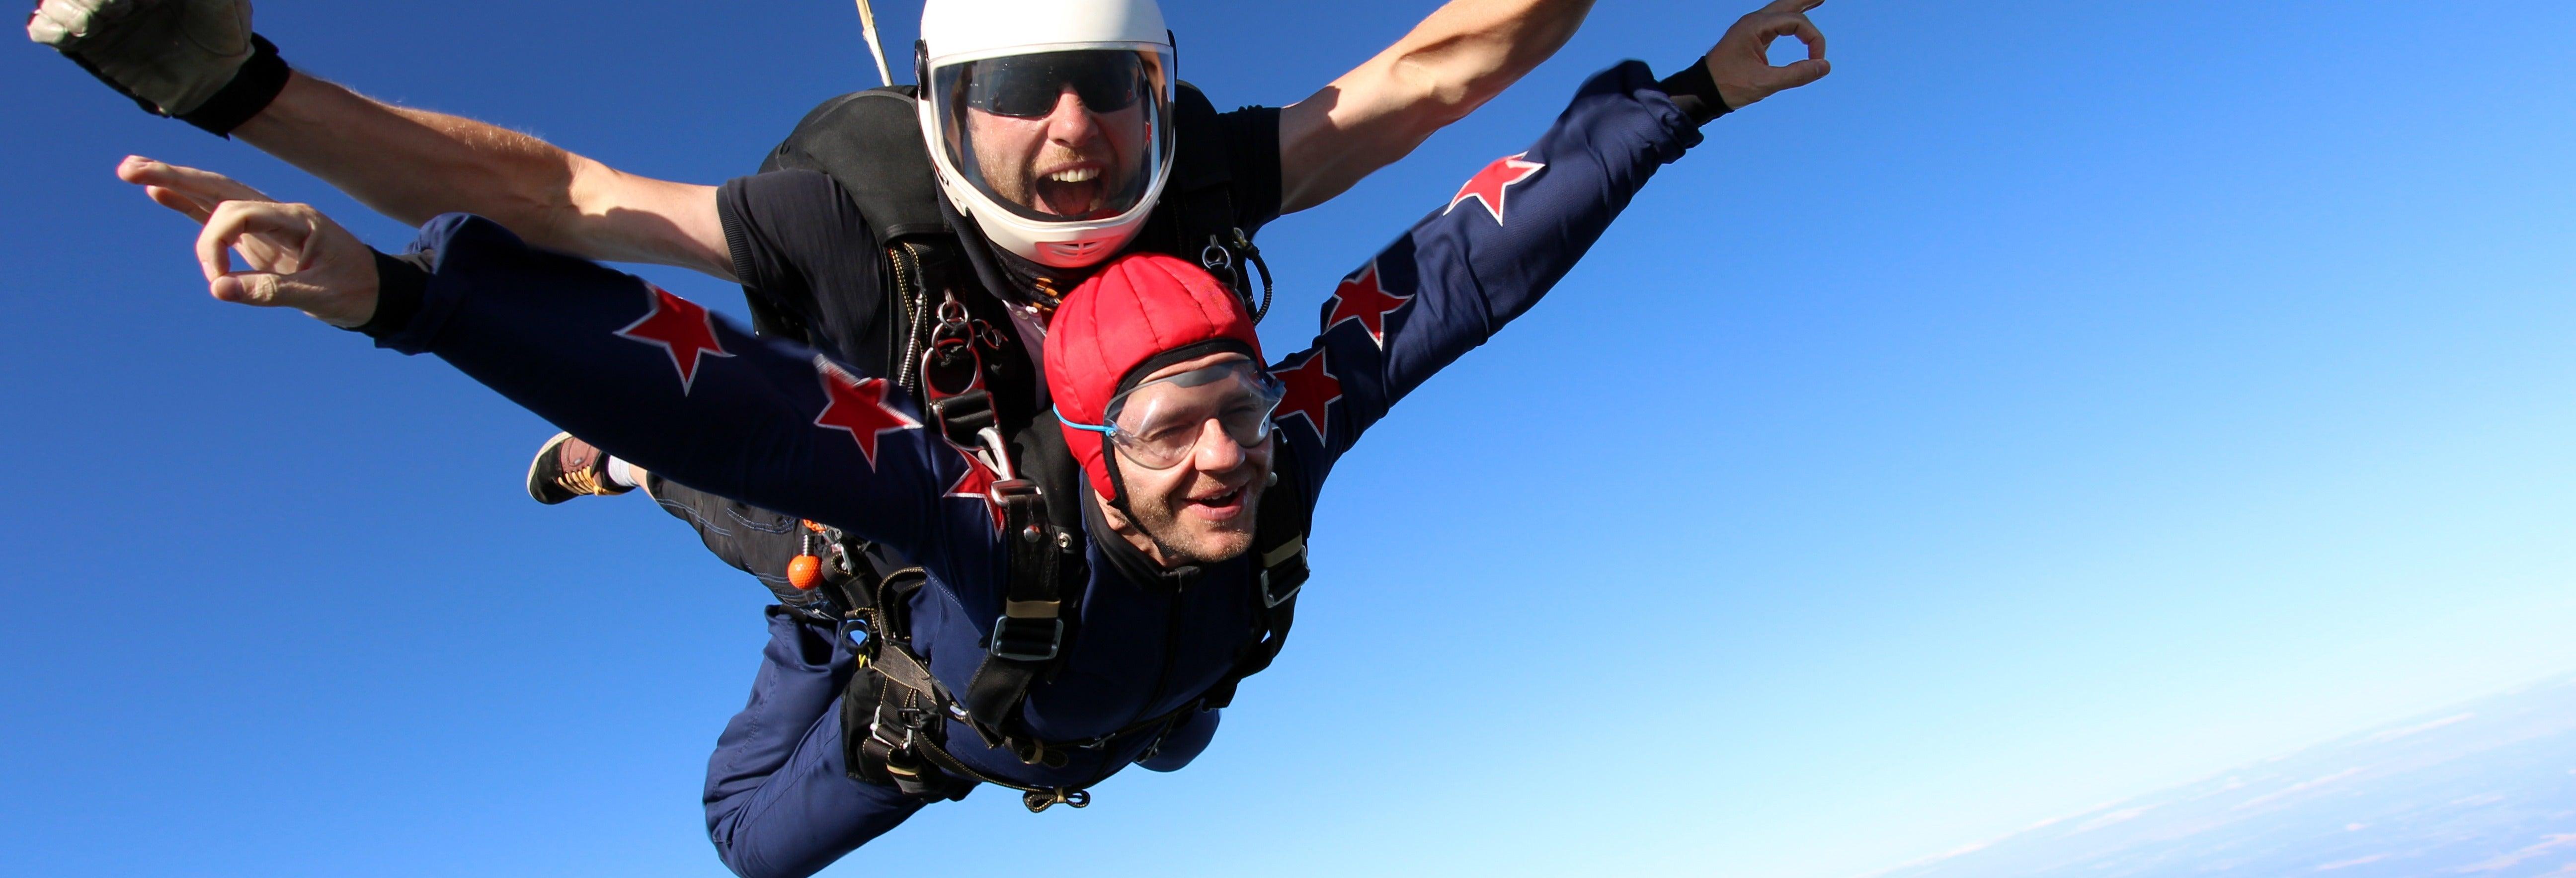 Salto en paracaídas en Sinj